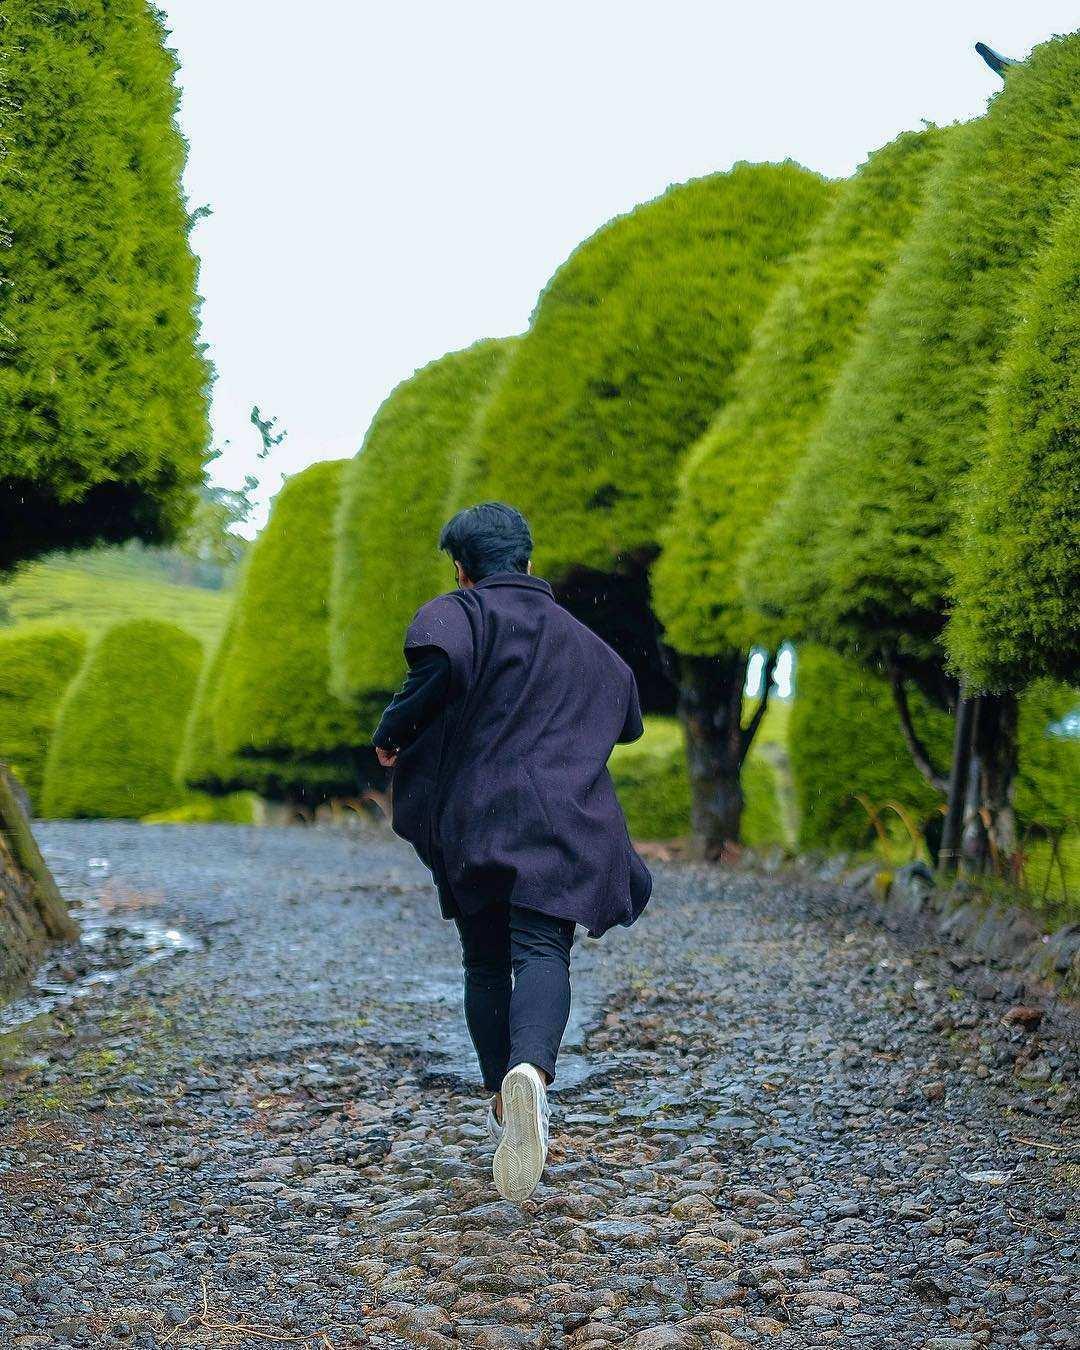 Berlarian Diantara Pohon Cemara di Bukit Jamur Rancabolang Ciwidey Bandung, Image From @kepinhelmy